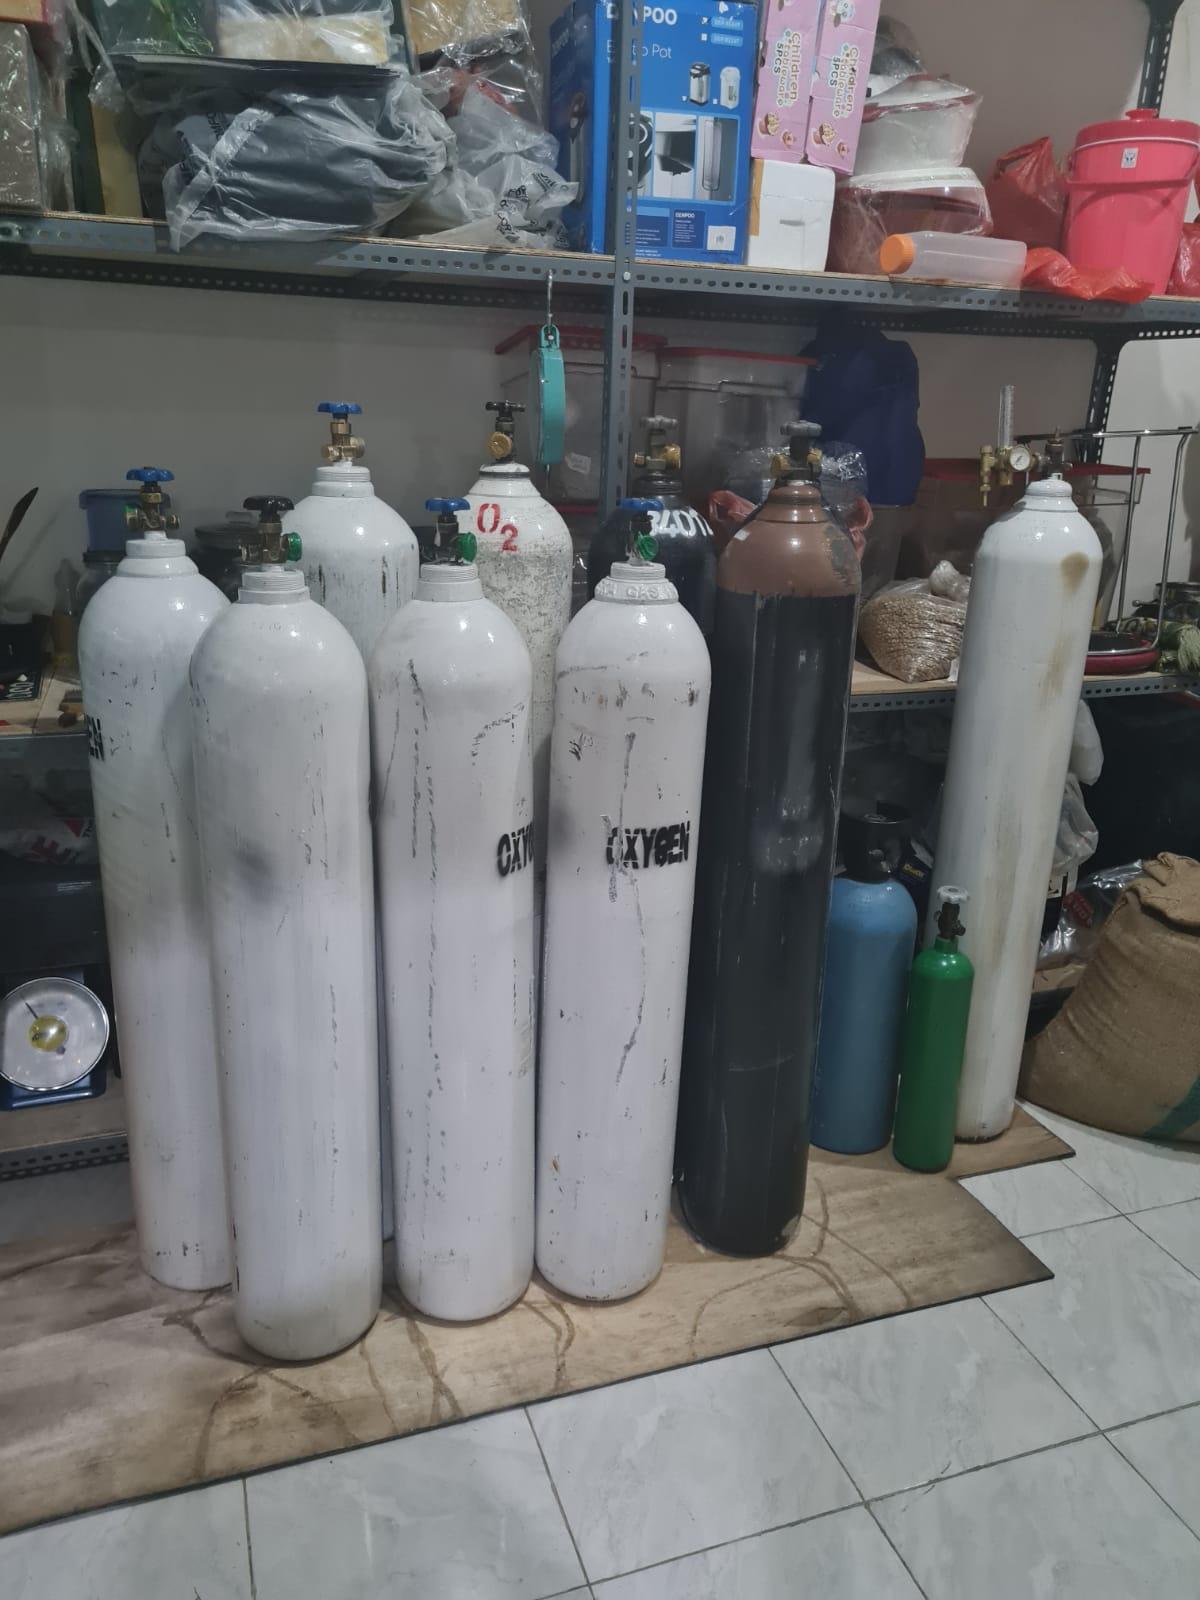 Tabung oksigen   Dokumentasi pribadi Ronald Angga Poernama